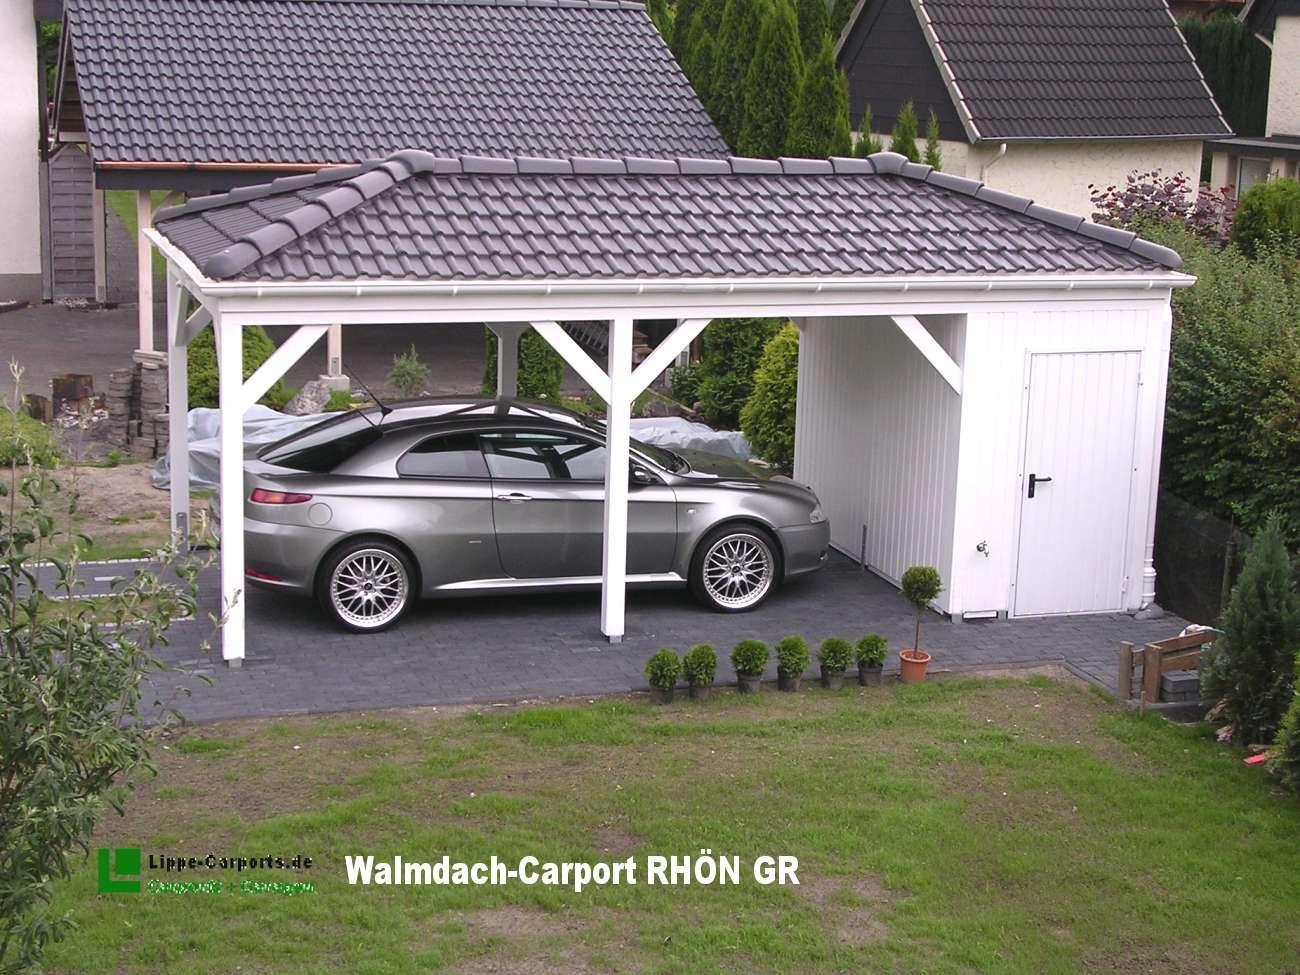 walm und satteldach carport in holz alu stahl carport bausatz carport outdoor